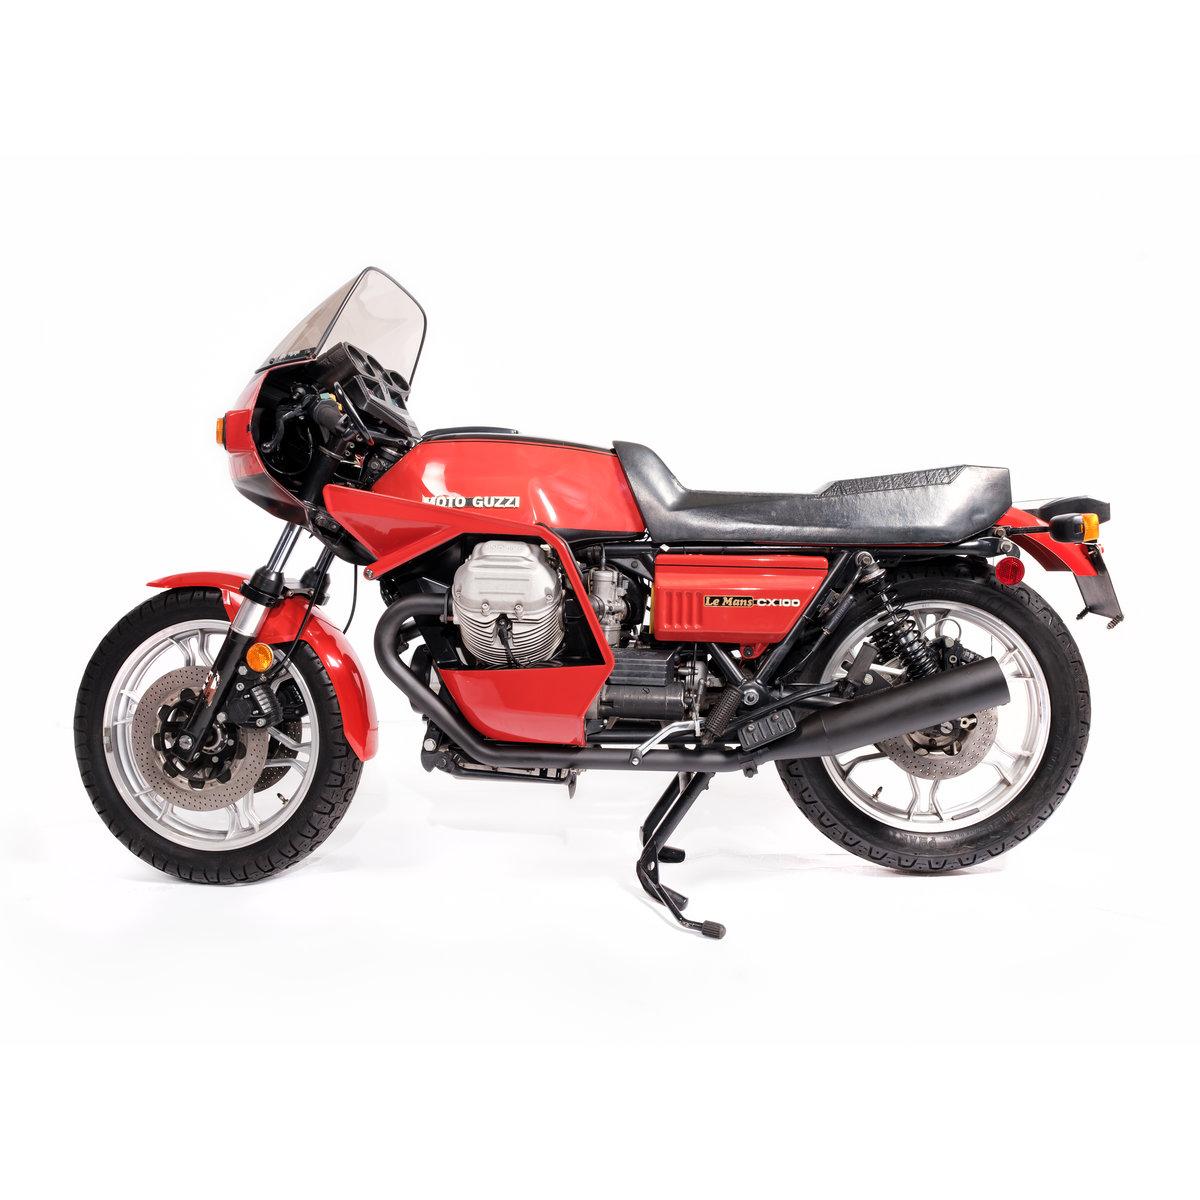 1981 Moto Guzzi CX100 Unique in the UK ? For Sale (picture 1 of 12)